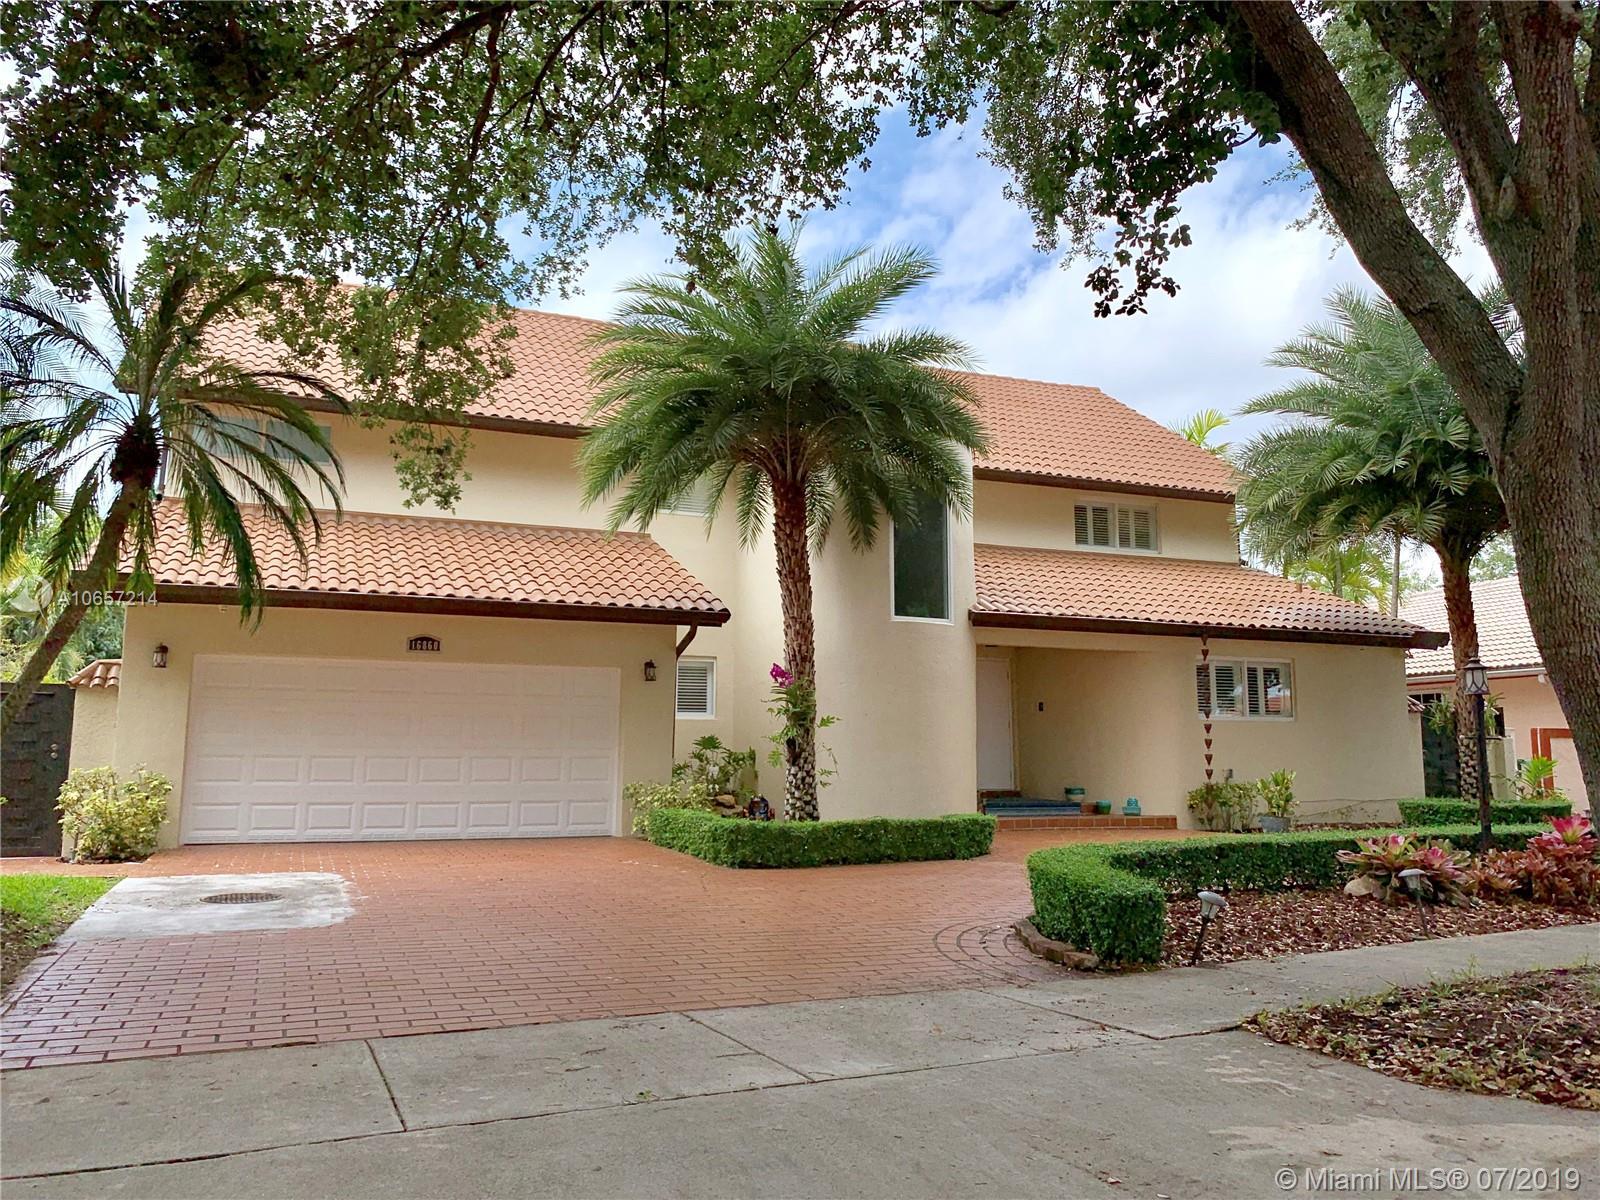 Miami Lakes - 16860 NW 81st Ave, Miami Lakes, FL 33016